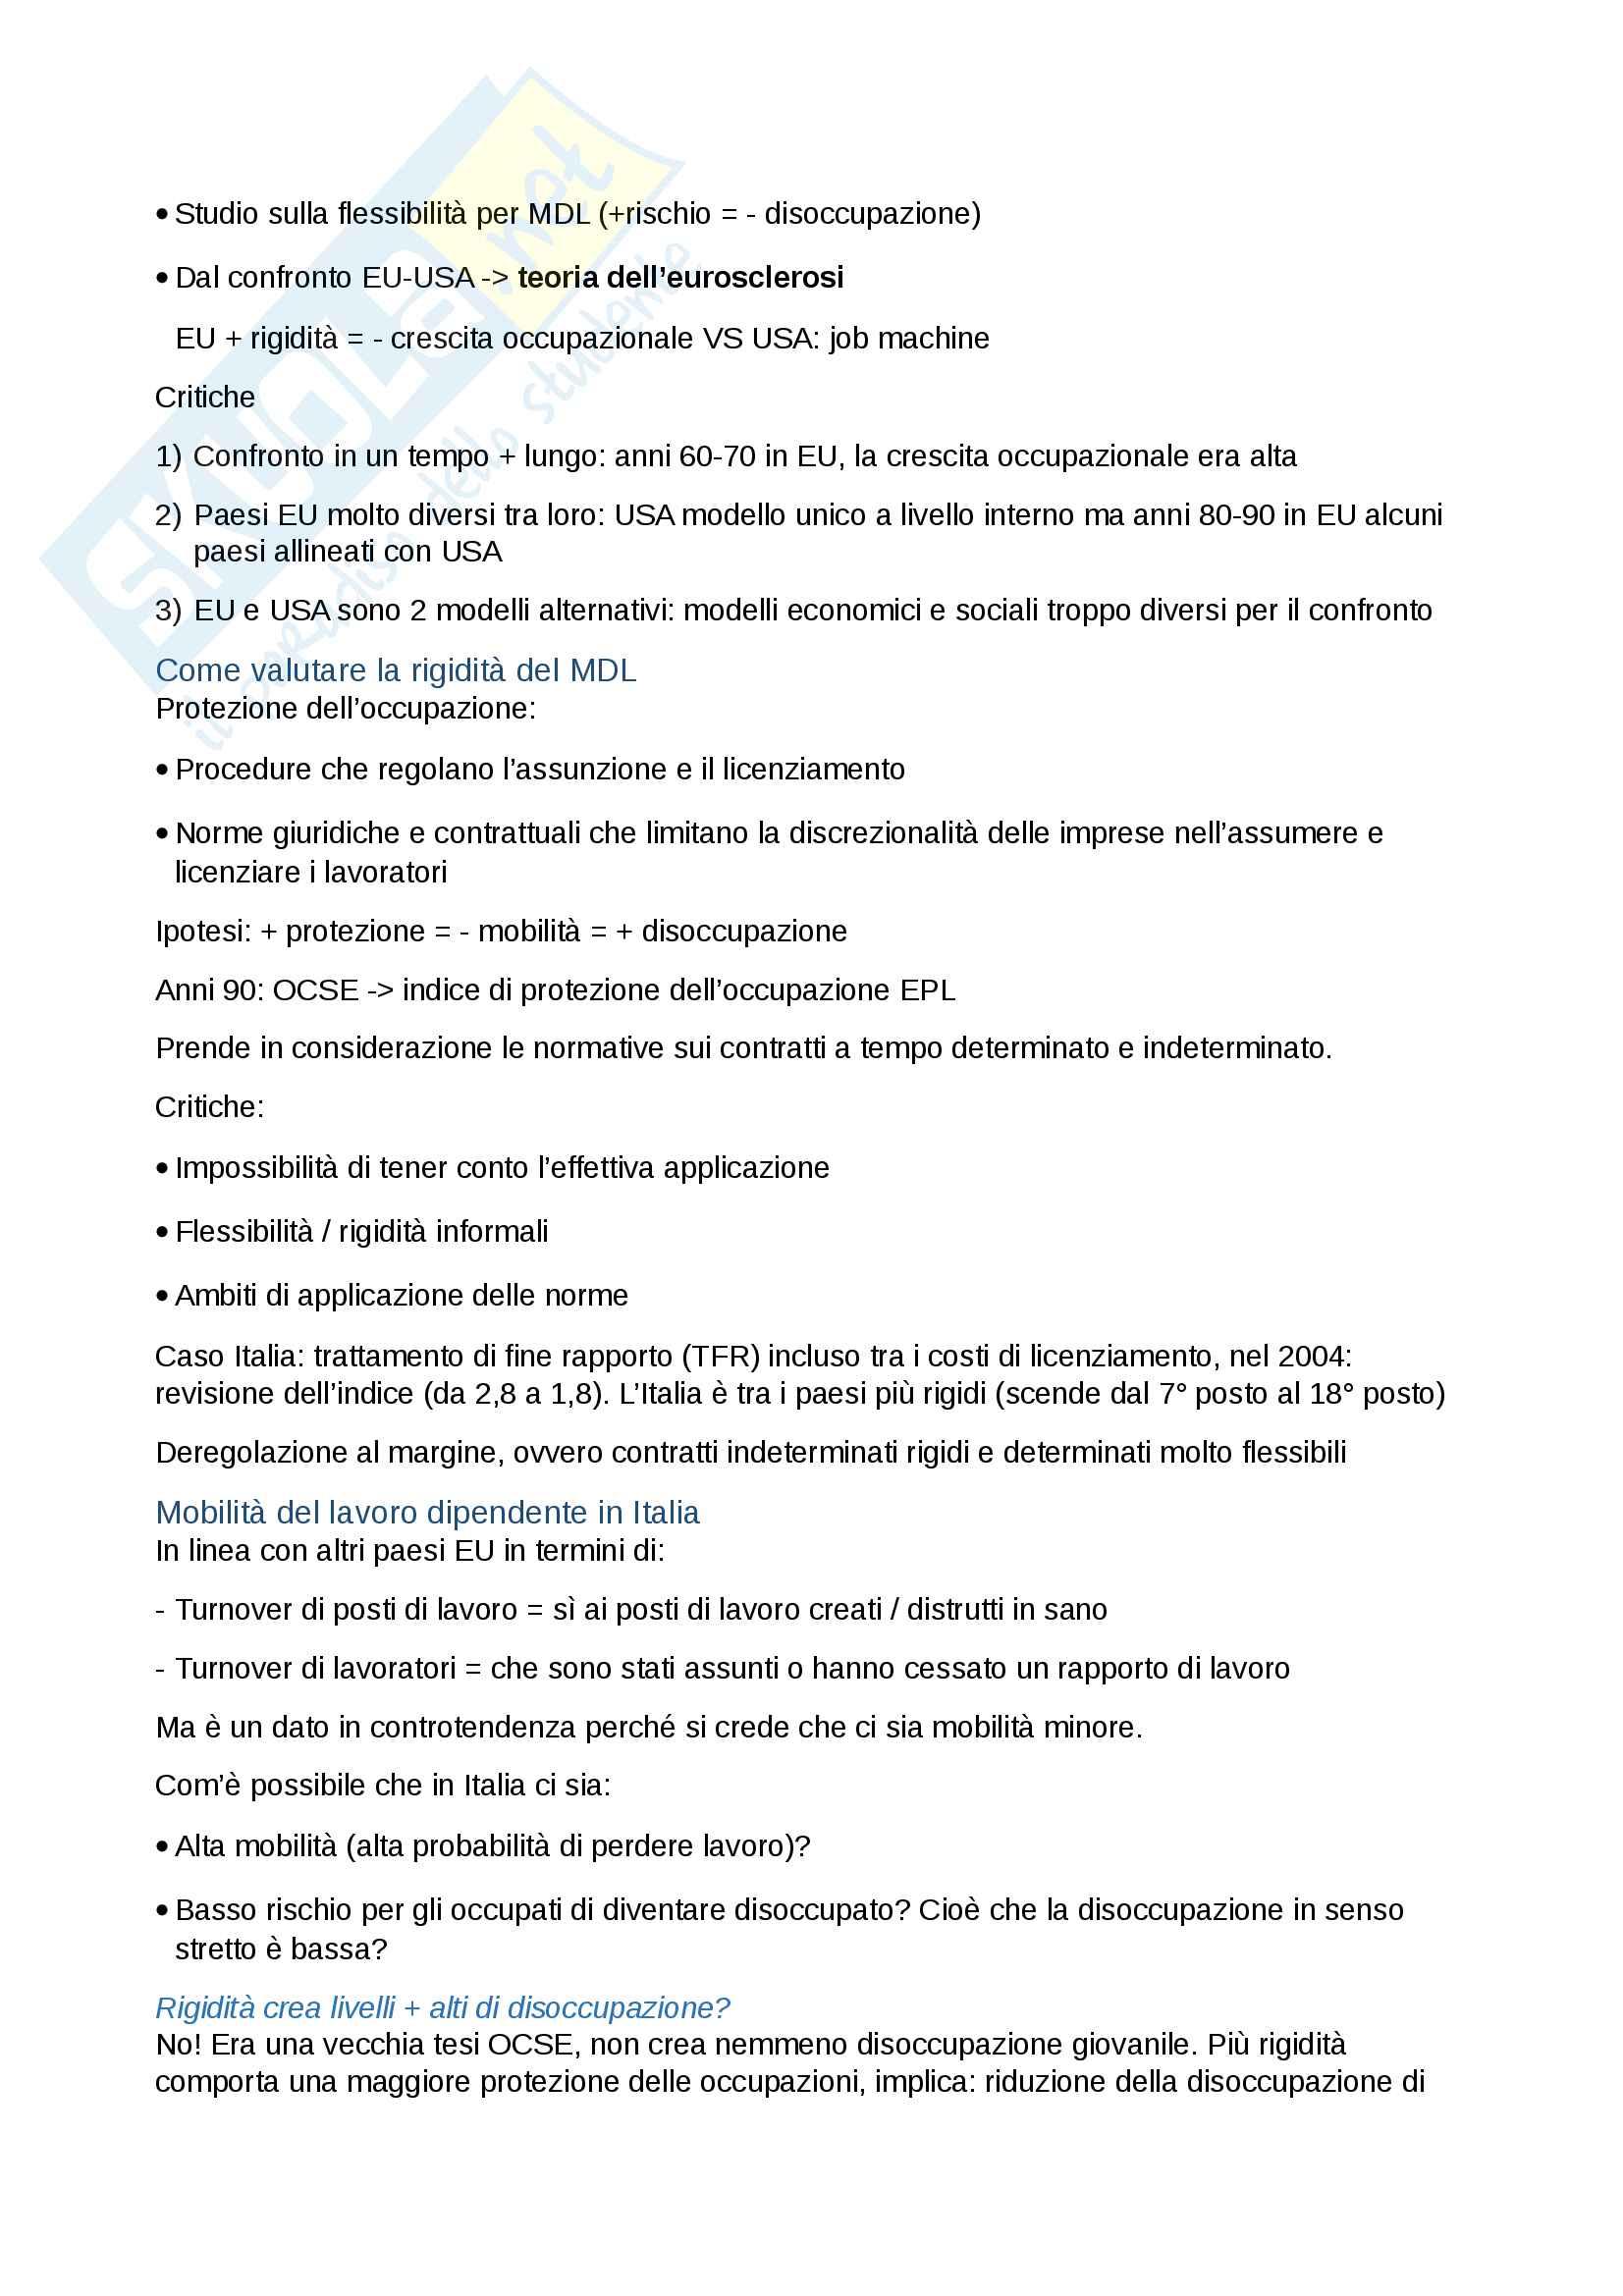 Riassunto esame Sociologia del mercato del lavoro, Docente Fullin, libro consigliato Sociologia del mercato del lavoro, vol. 1. e vol. 2. , Reyneri Pag. 21